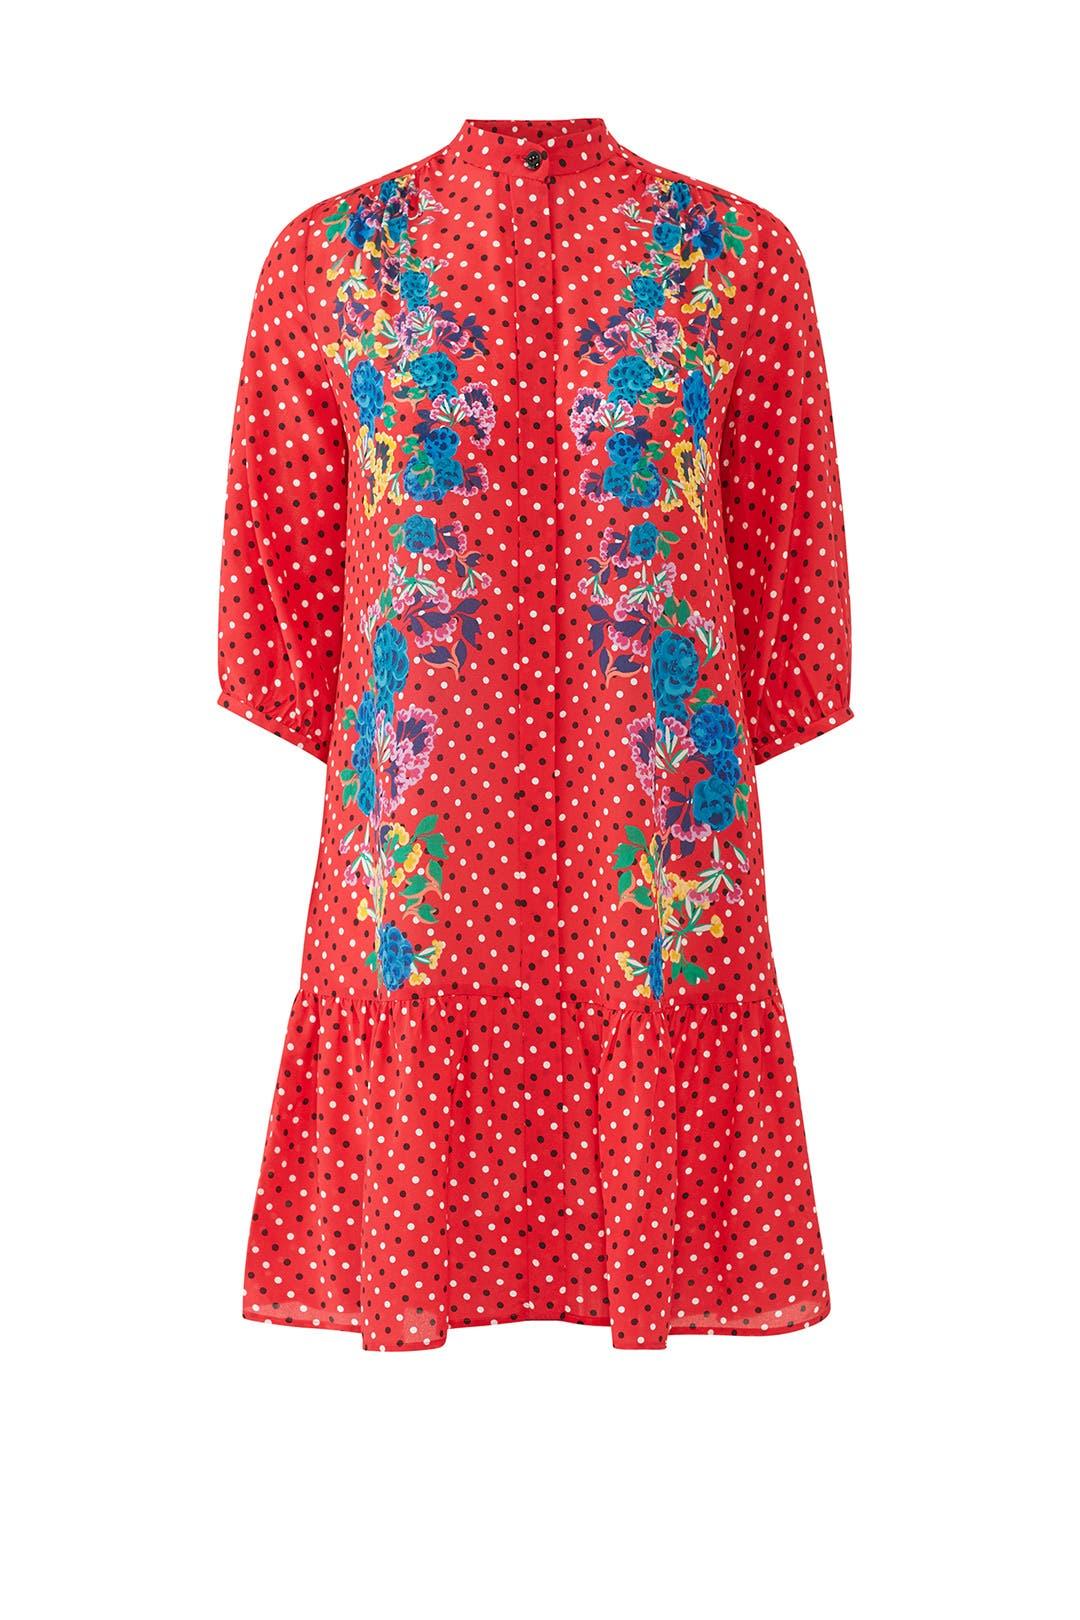 e6a661a8b505 SALONI. Read Reviews. Scarlet Tyra Dress